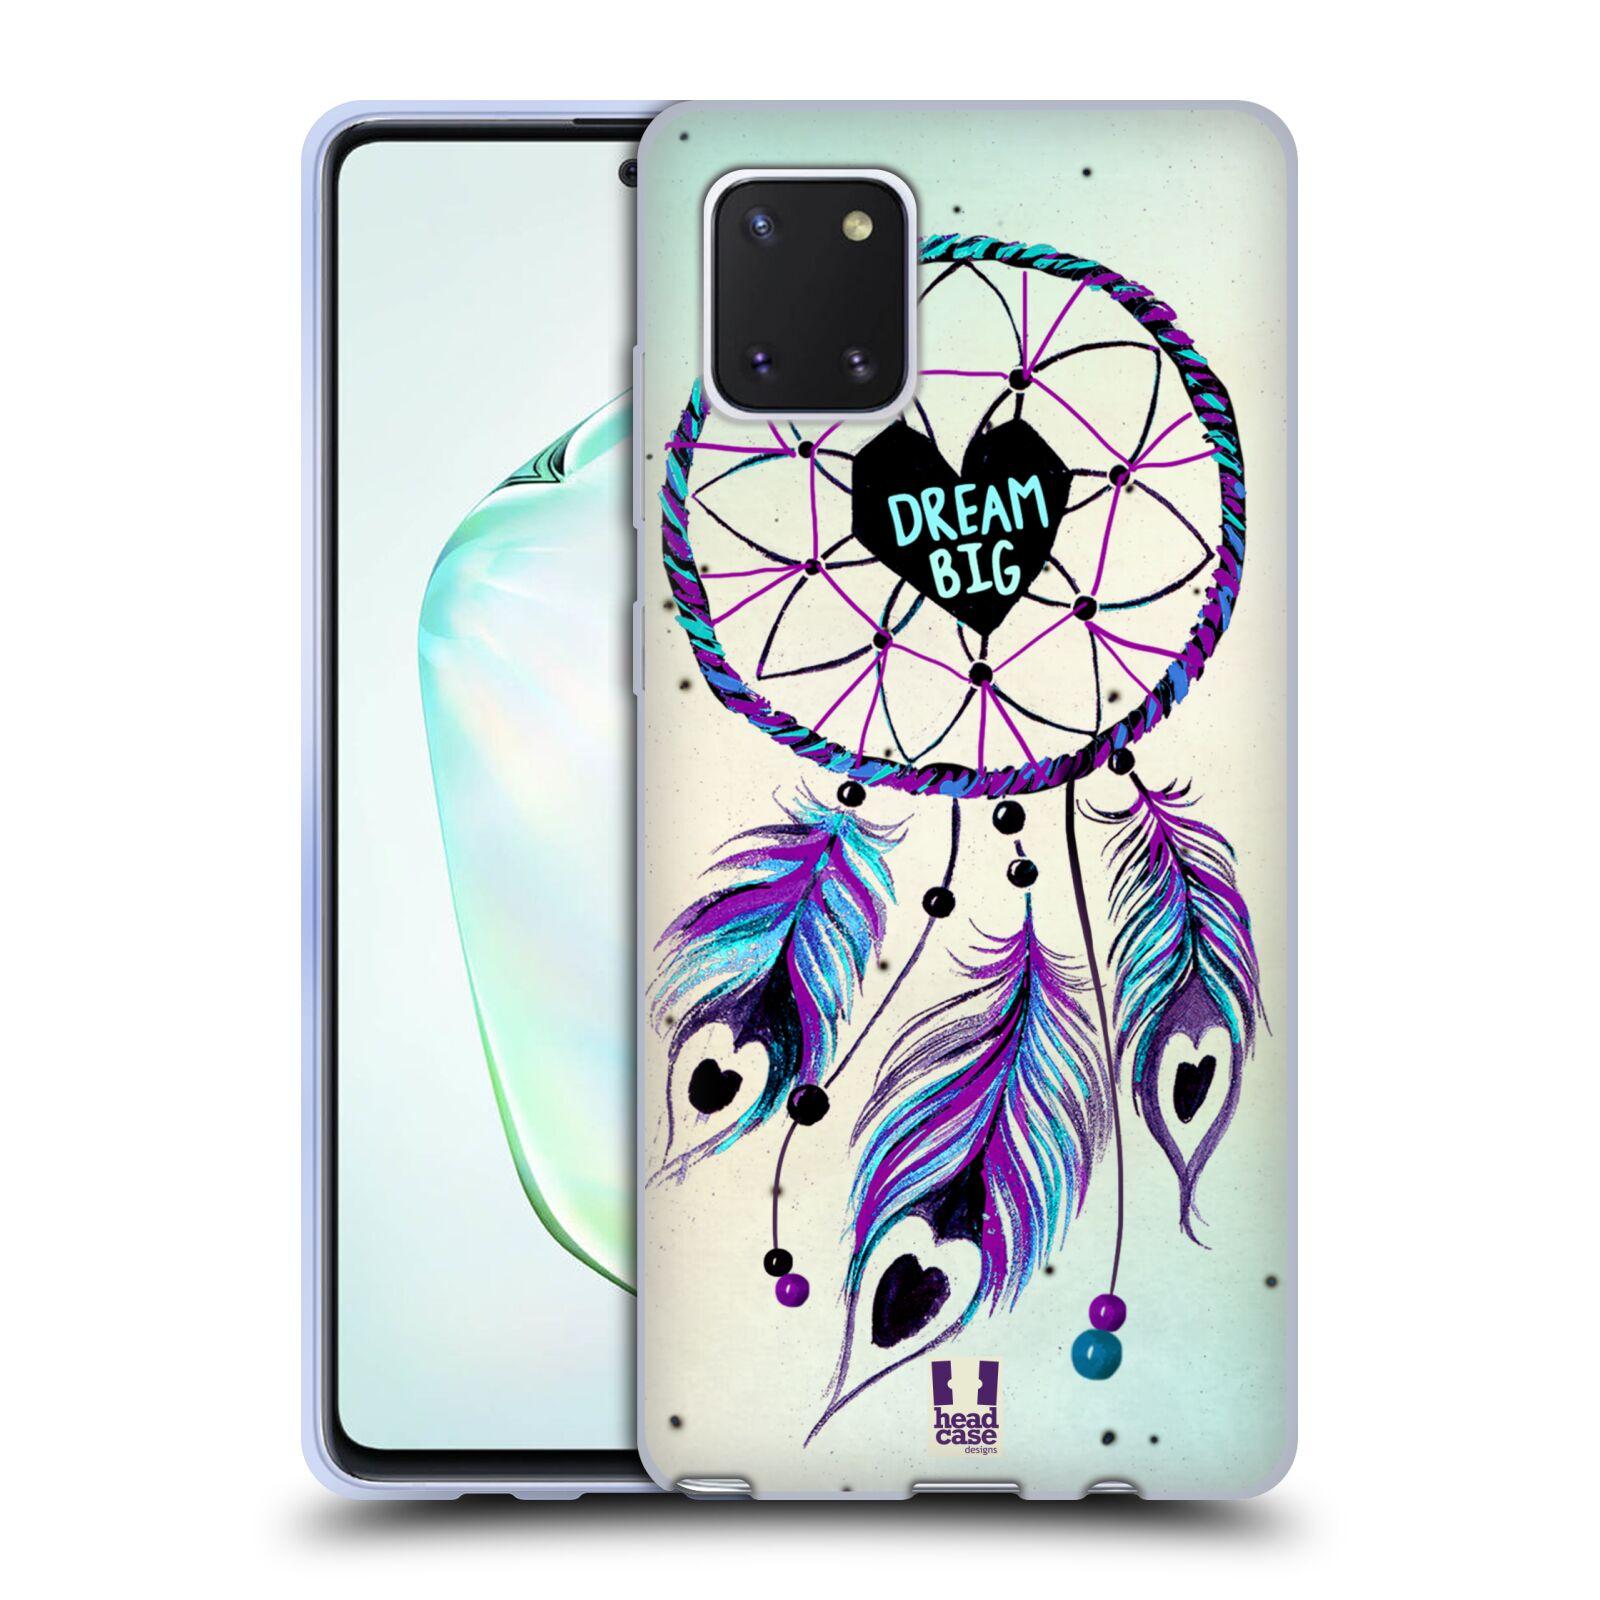 Silikonové pouzdro na mobil Samsung Galaxy Note 10 Lite - Head Case - Lapač Assorted Dream Big Srdce